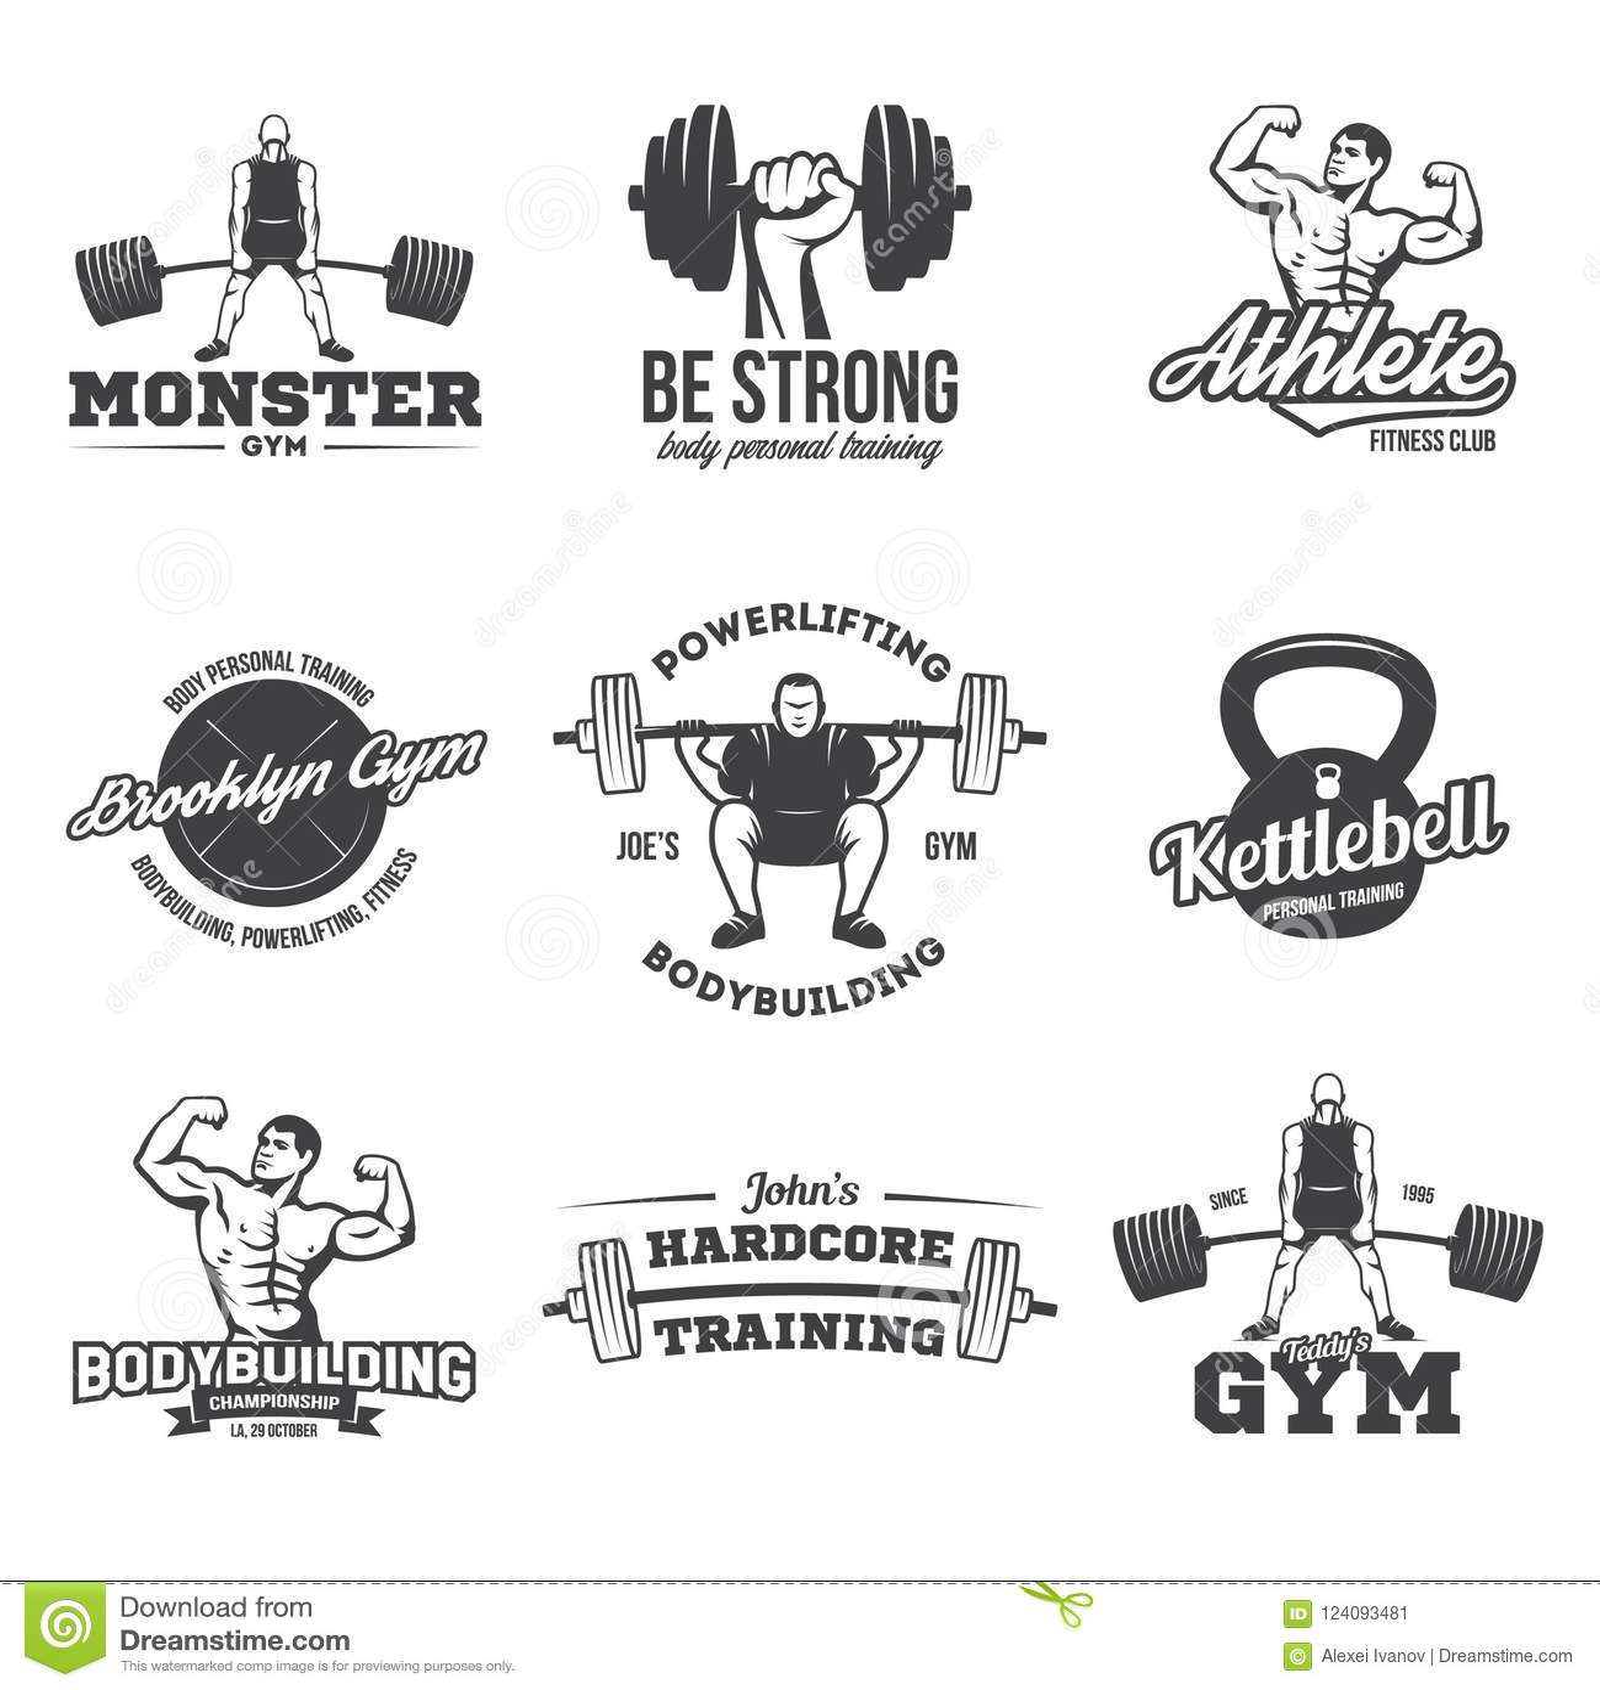 Bodybuilding, powerlifting, kettlebell, treningów logotypy podpisuje symbole Sprawność fizyczna logów emblematów projekta element